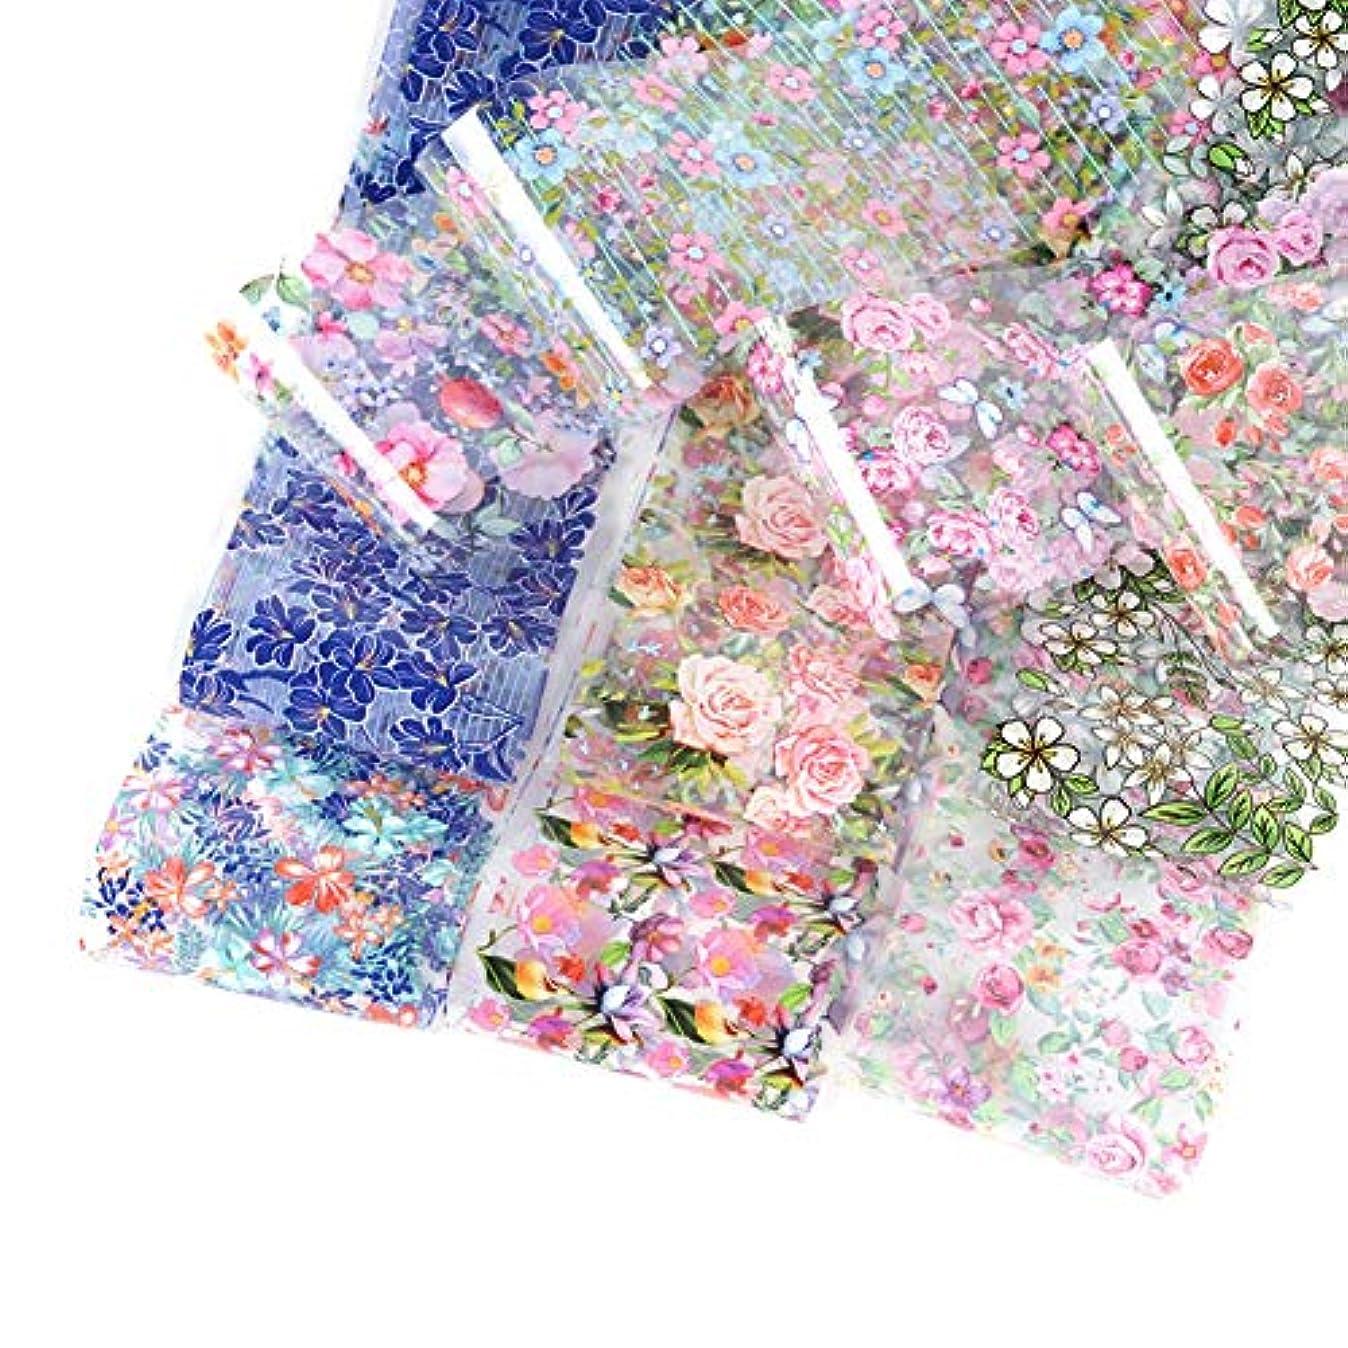 立方体祖母投票Radiya ネイルシール ネイルステッカー 星空ネイル シェル 花柄ネイルホイル 水彩の花 転写ホイル 箔紙 シェルプリント 極薄フィルム 10枚セット